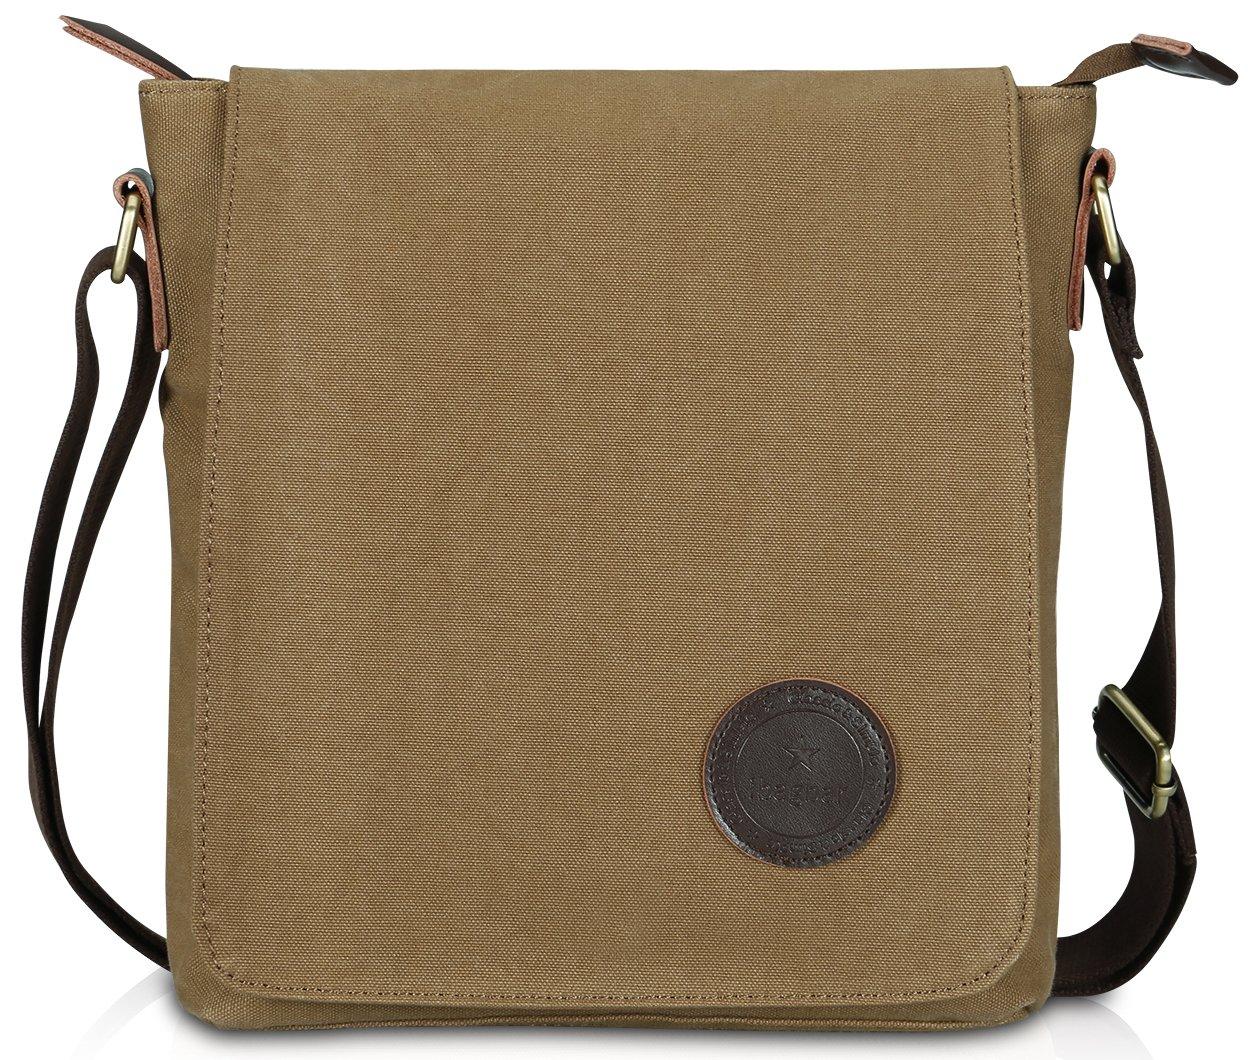 Ibagbar Small Vintage Cotton Canvas Messenger Bag Ipad Bag Shoulder Satchel Crossbody Bag Hiking Traveling Bag for Men and Women